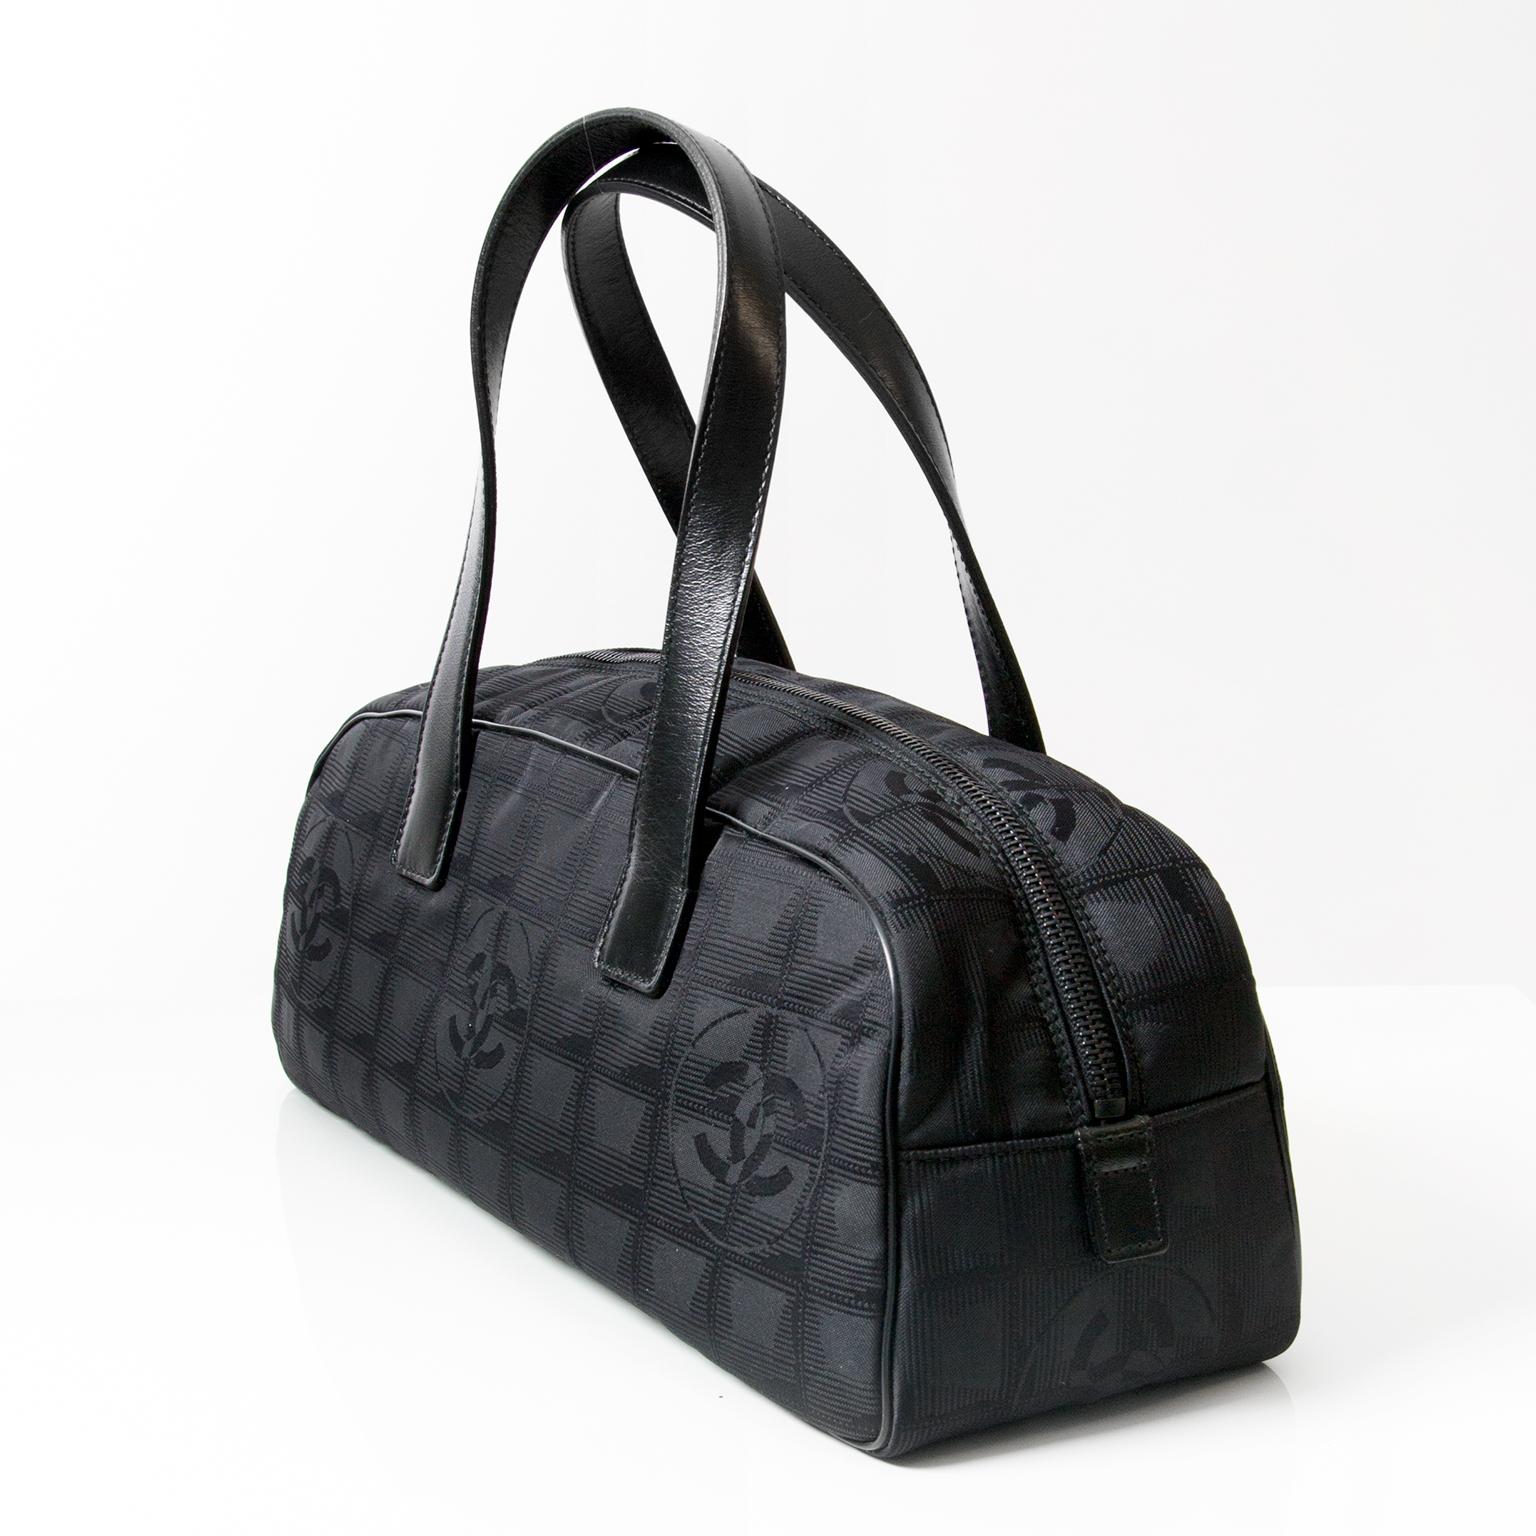 a25d28e779d8 ... Chanel zwart nylon handtas. Koop authentieke vintage designer Chanel.  LabelLOV webwinkel veilig online winkelen